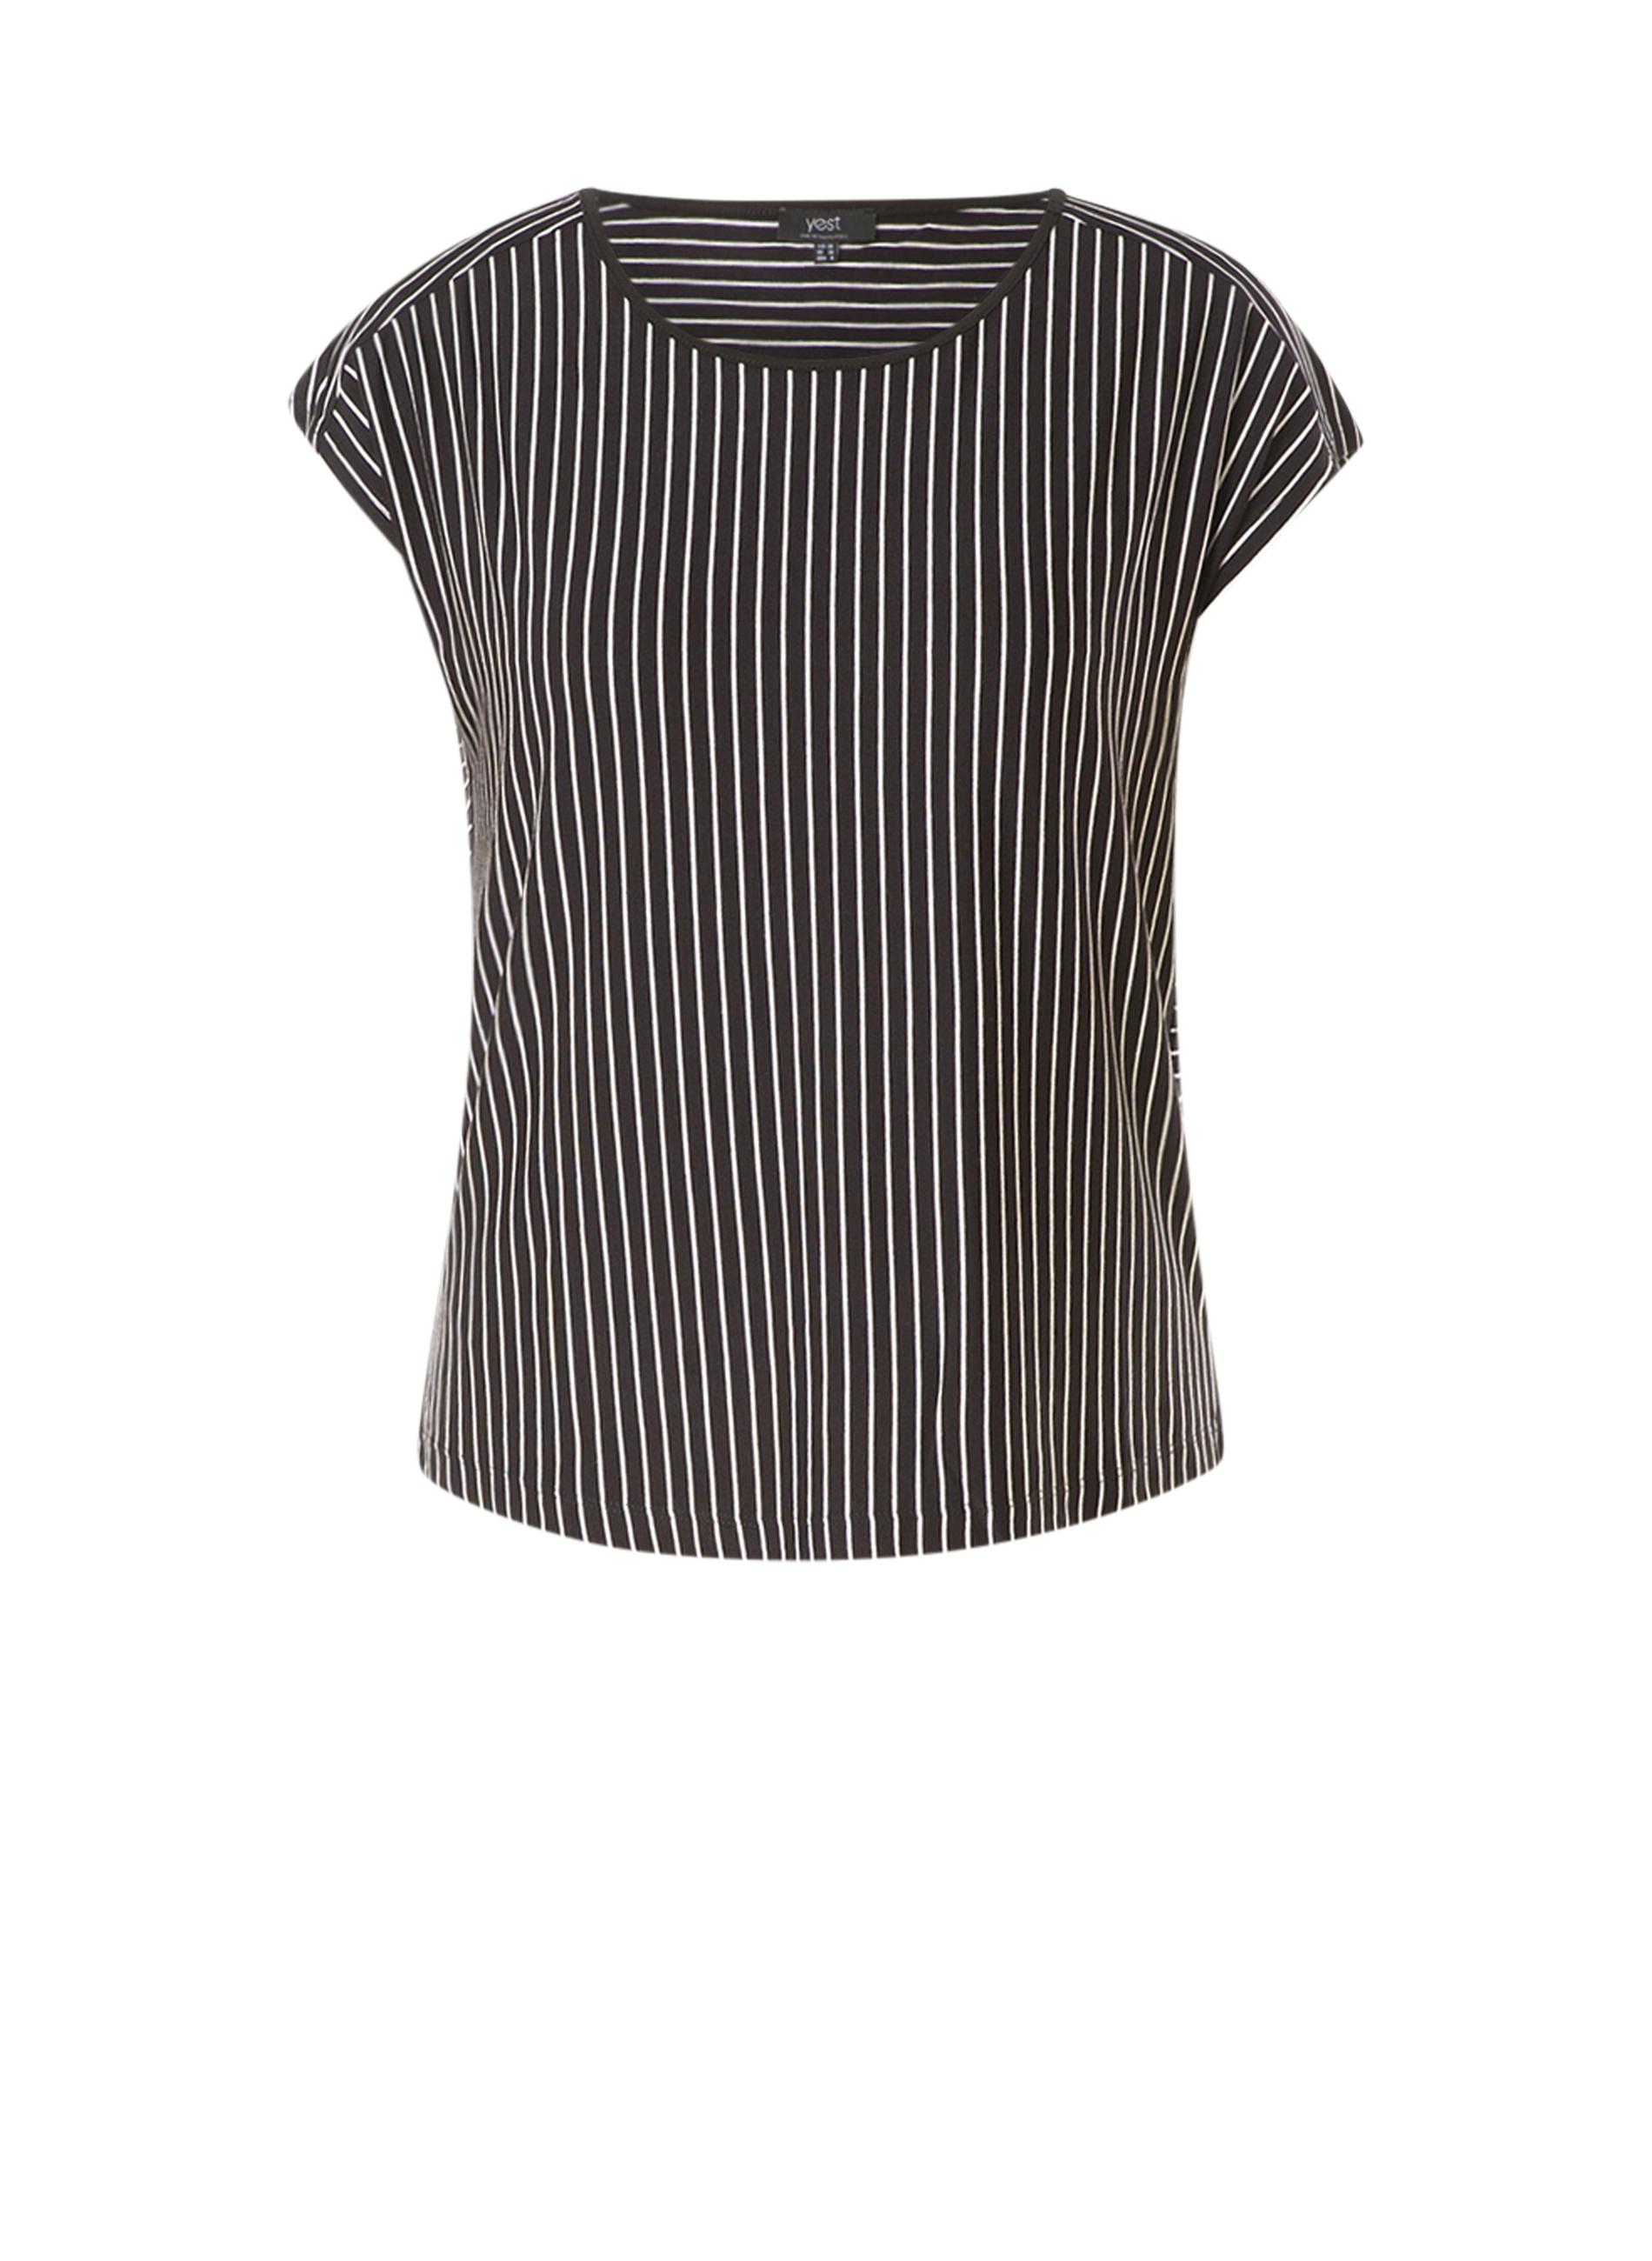 Shirt Lucia 78 cm Yesta